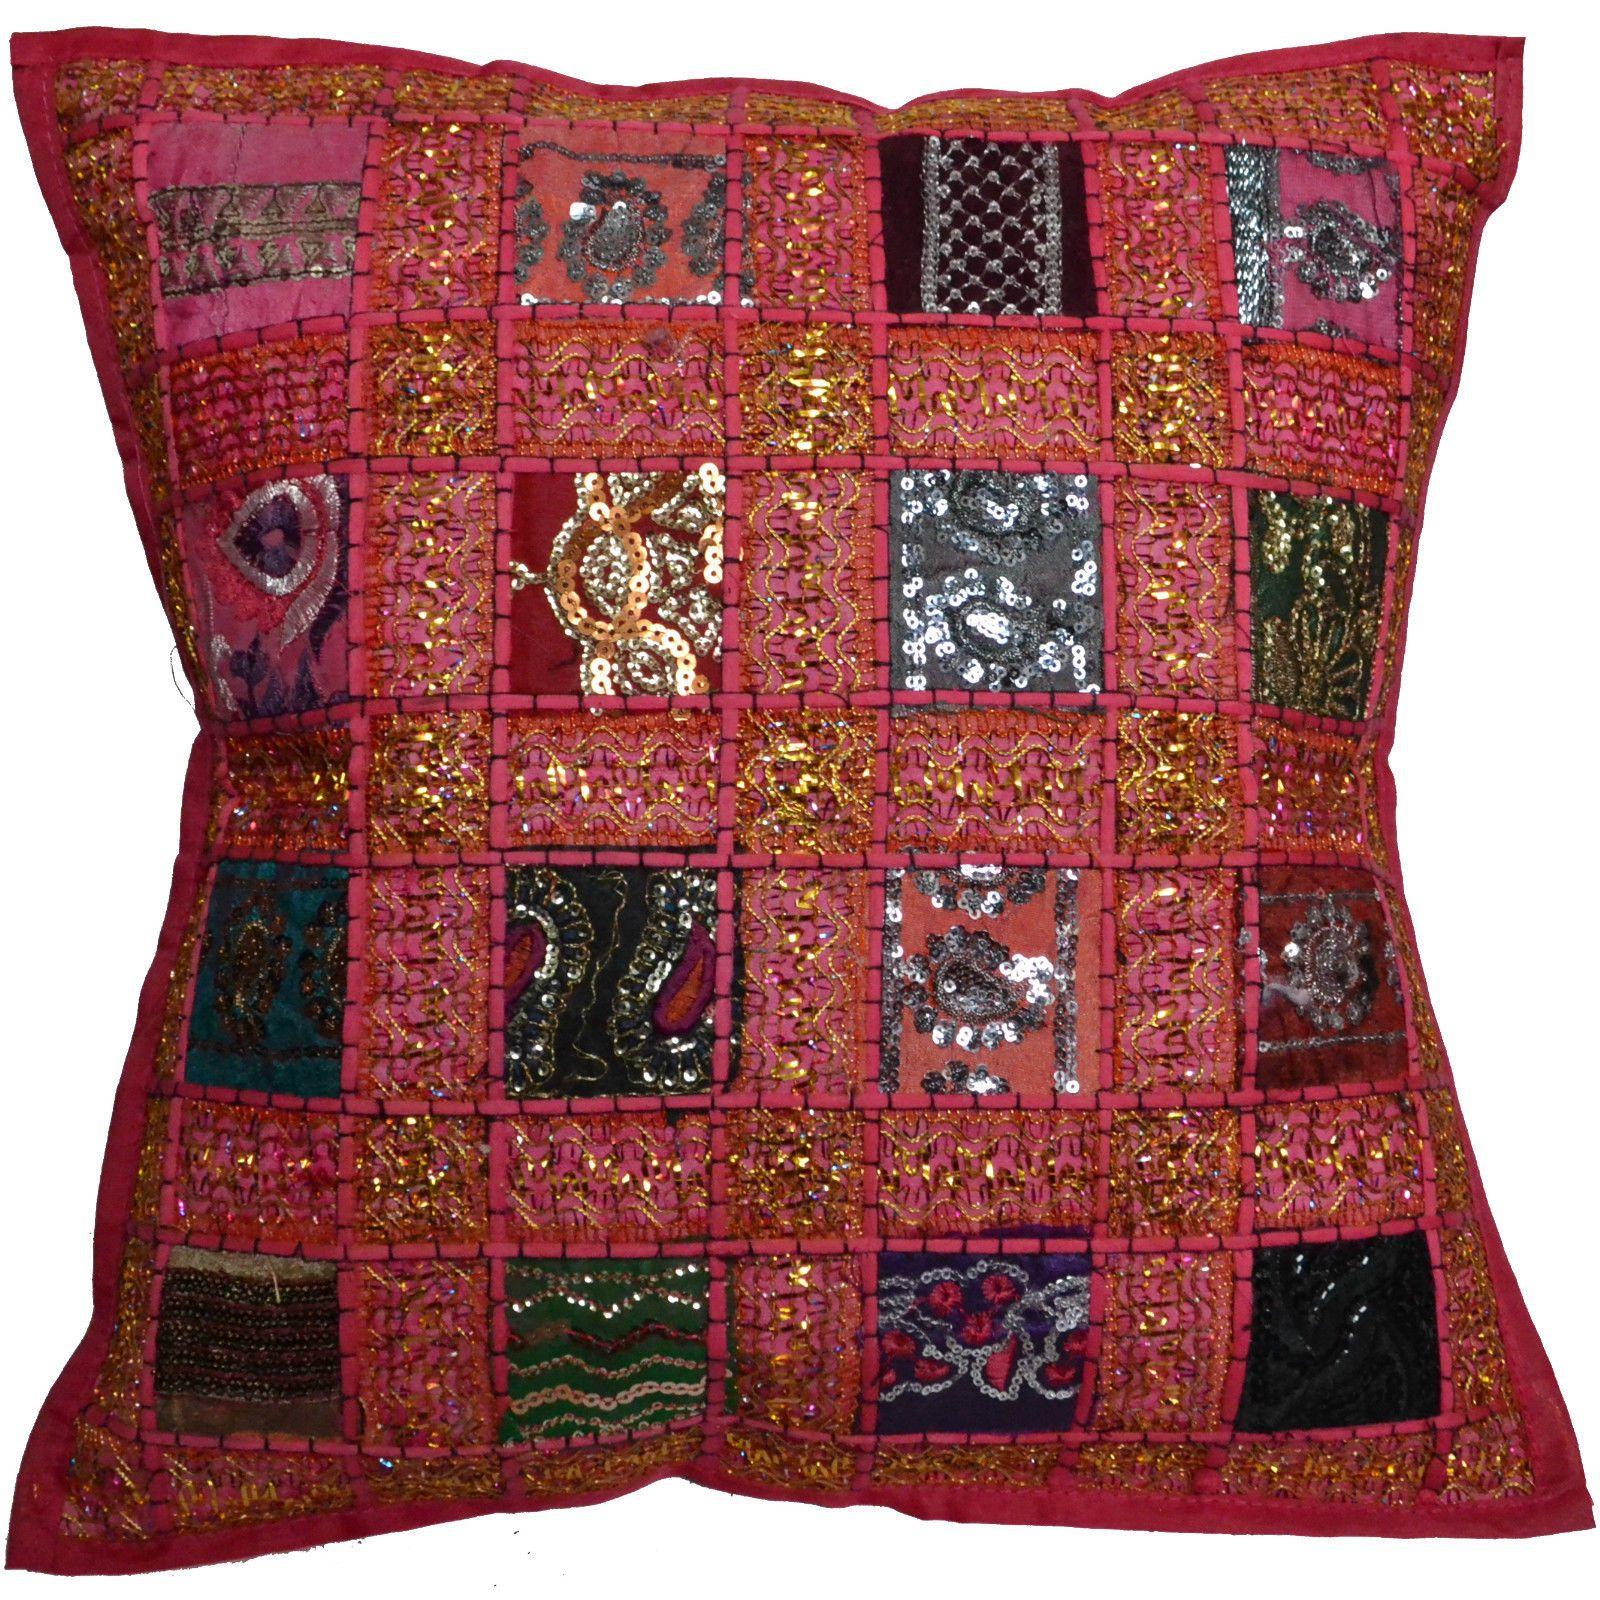 Funda de coj n bordado sari reciclado estilo estilo indio marroqu 40cm ebay bohemio pinterest - Cojines indios ...